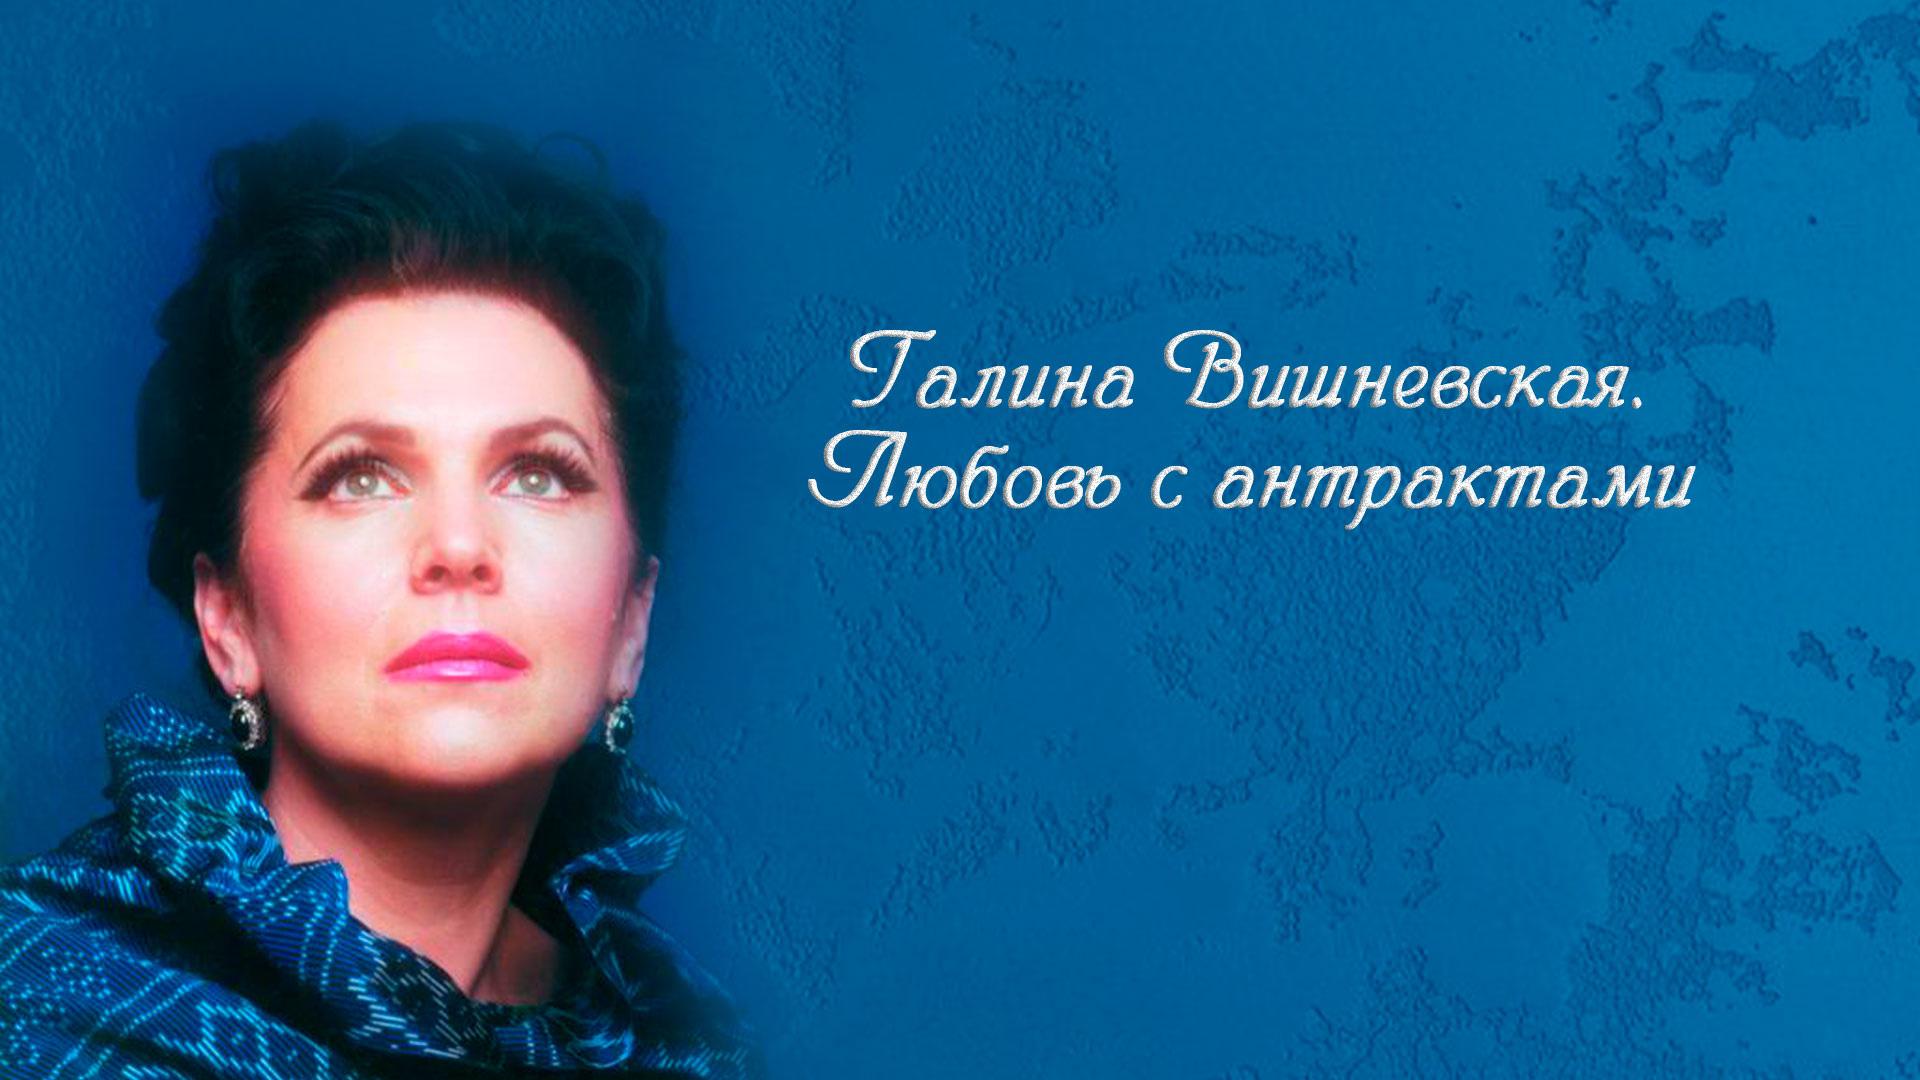 Галина Вишневская. Любовь с антрактами